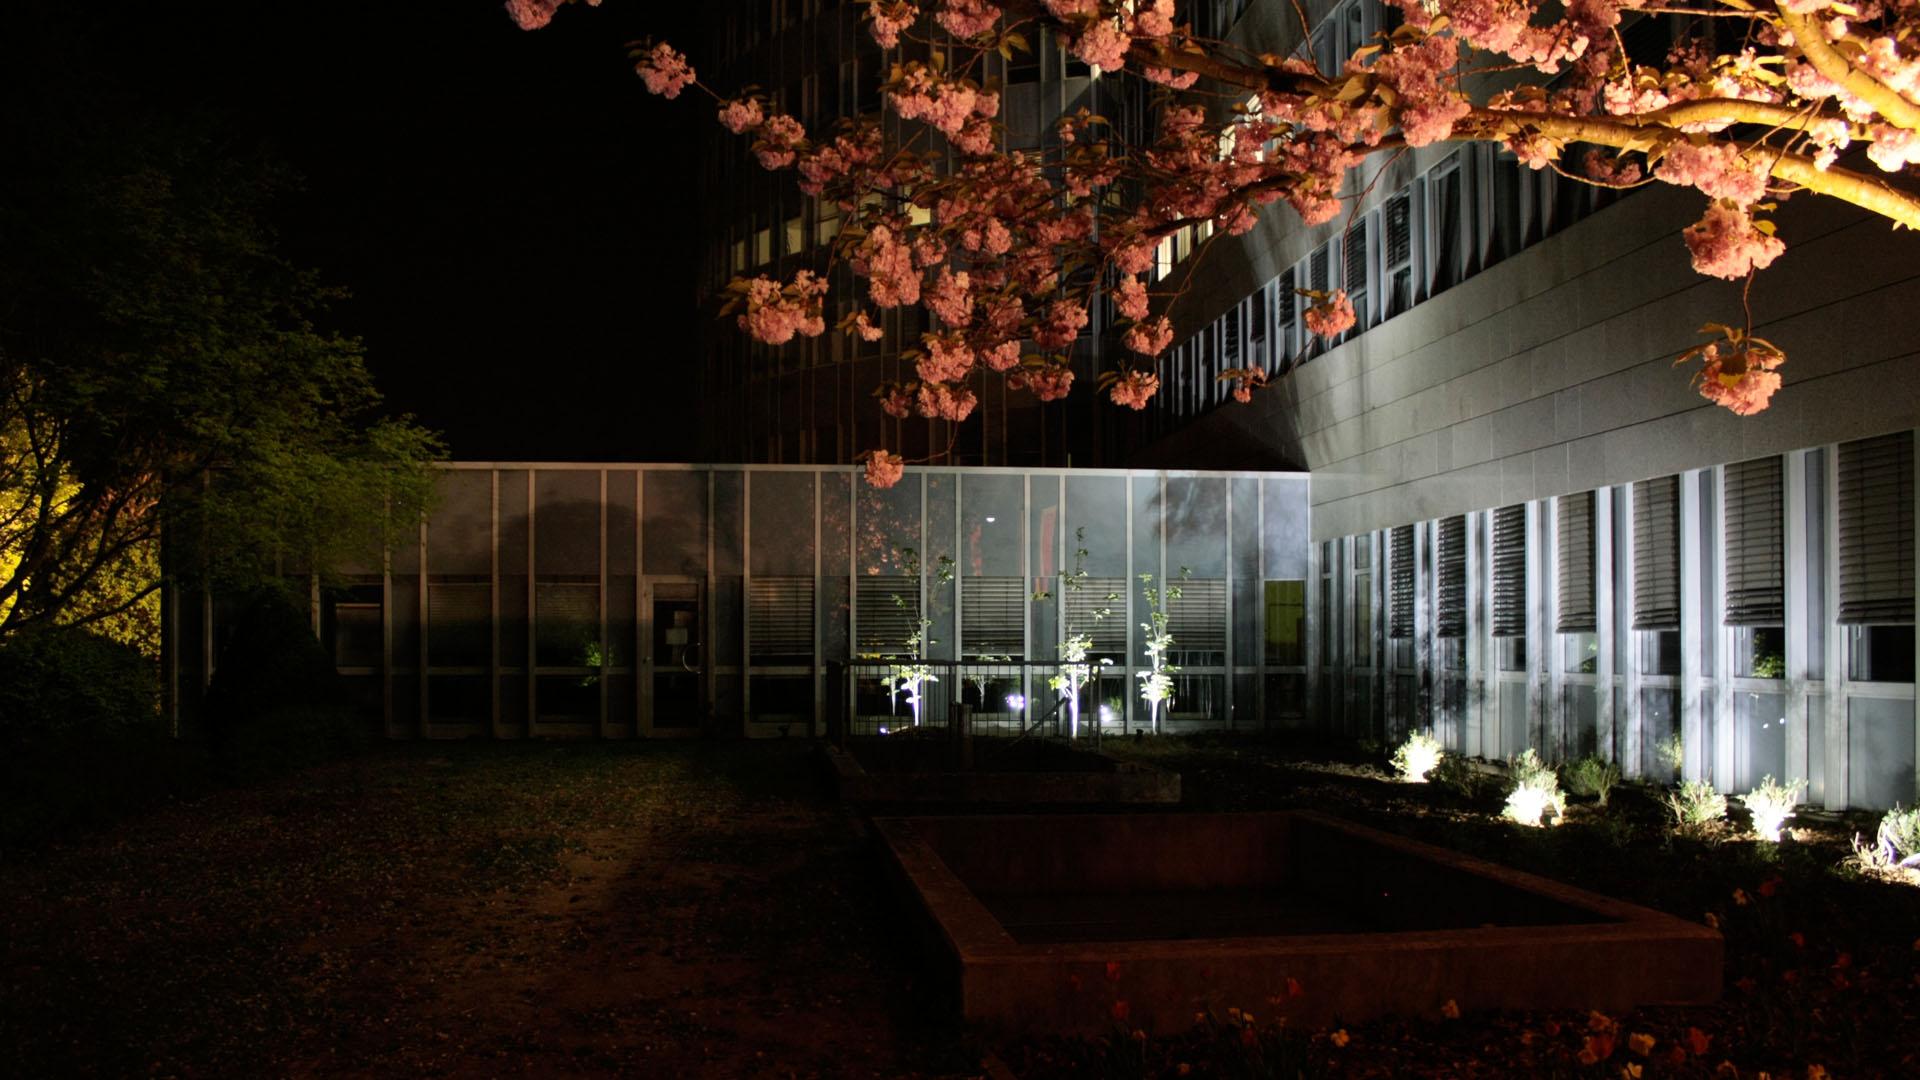 MAASS-Lichtplanung_Lichtplanung für Fassade und Freiflächen__02_Olof-Palme-Straße_Slideshow_04